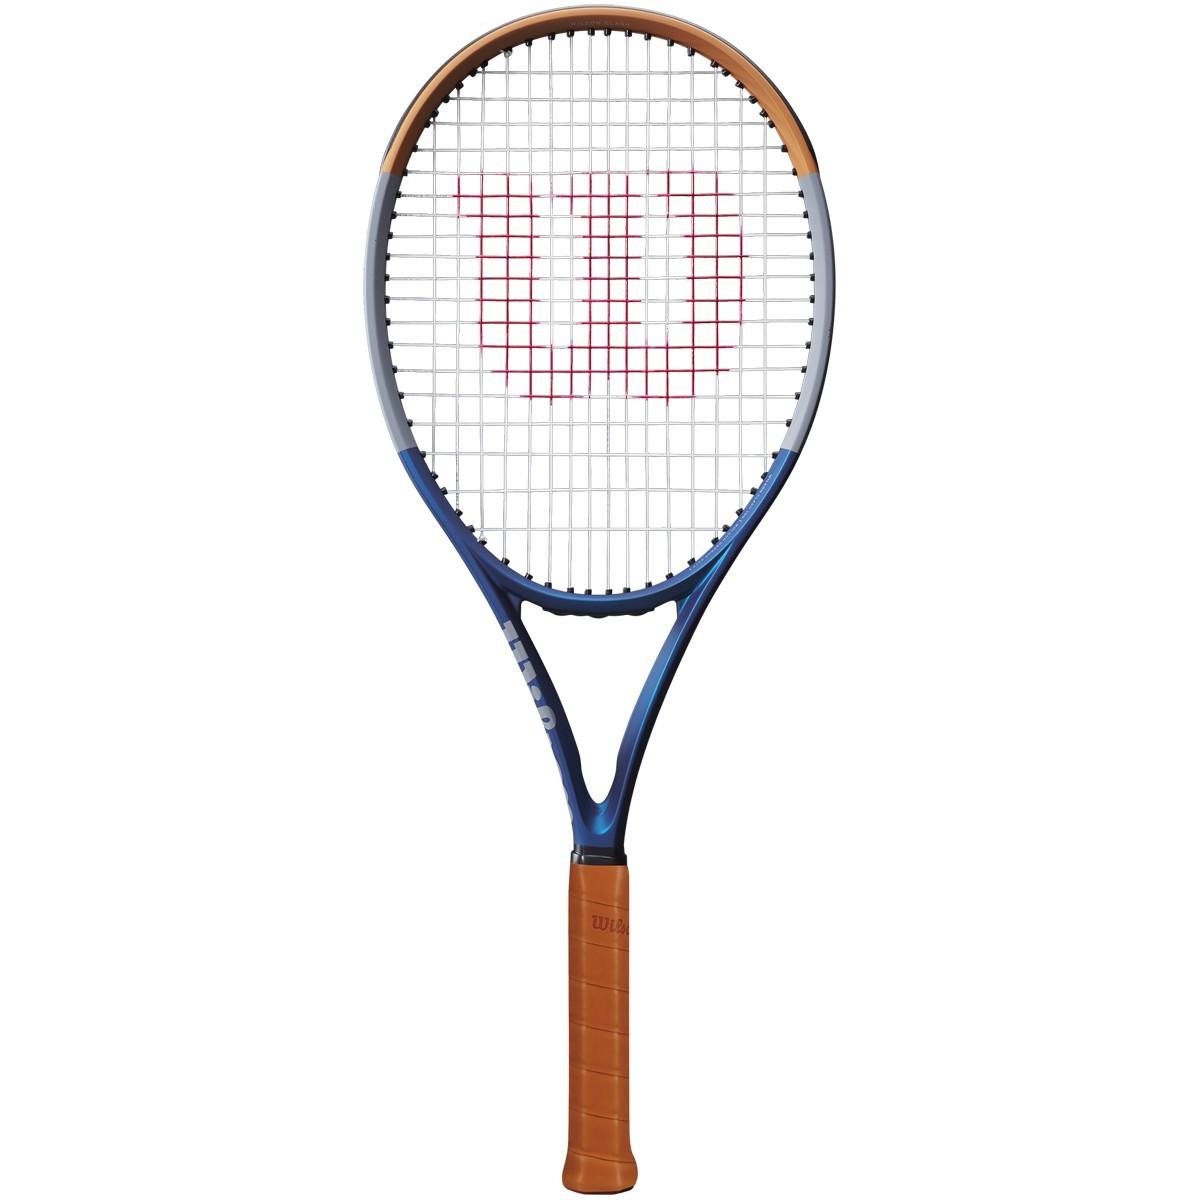 Raquete de Tênis Wilson Clash 100 Roland Garros - 295g - Edição Limitada  - PROTENISTA